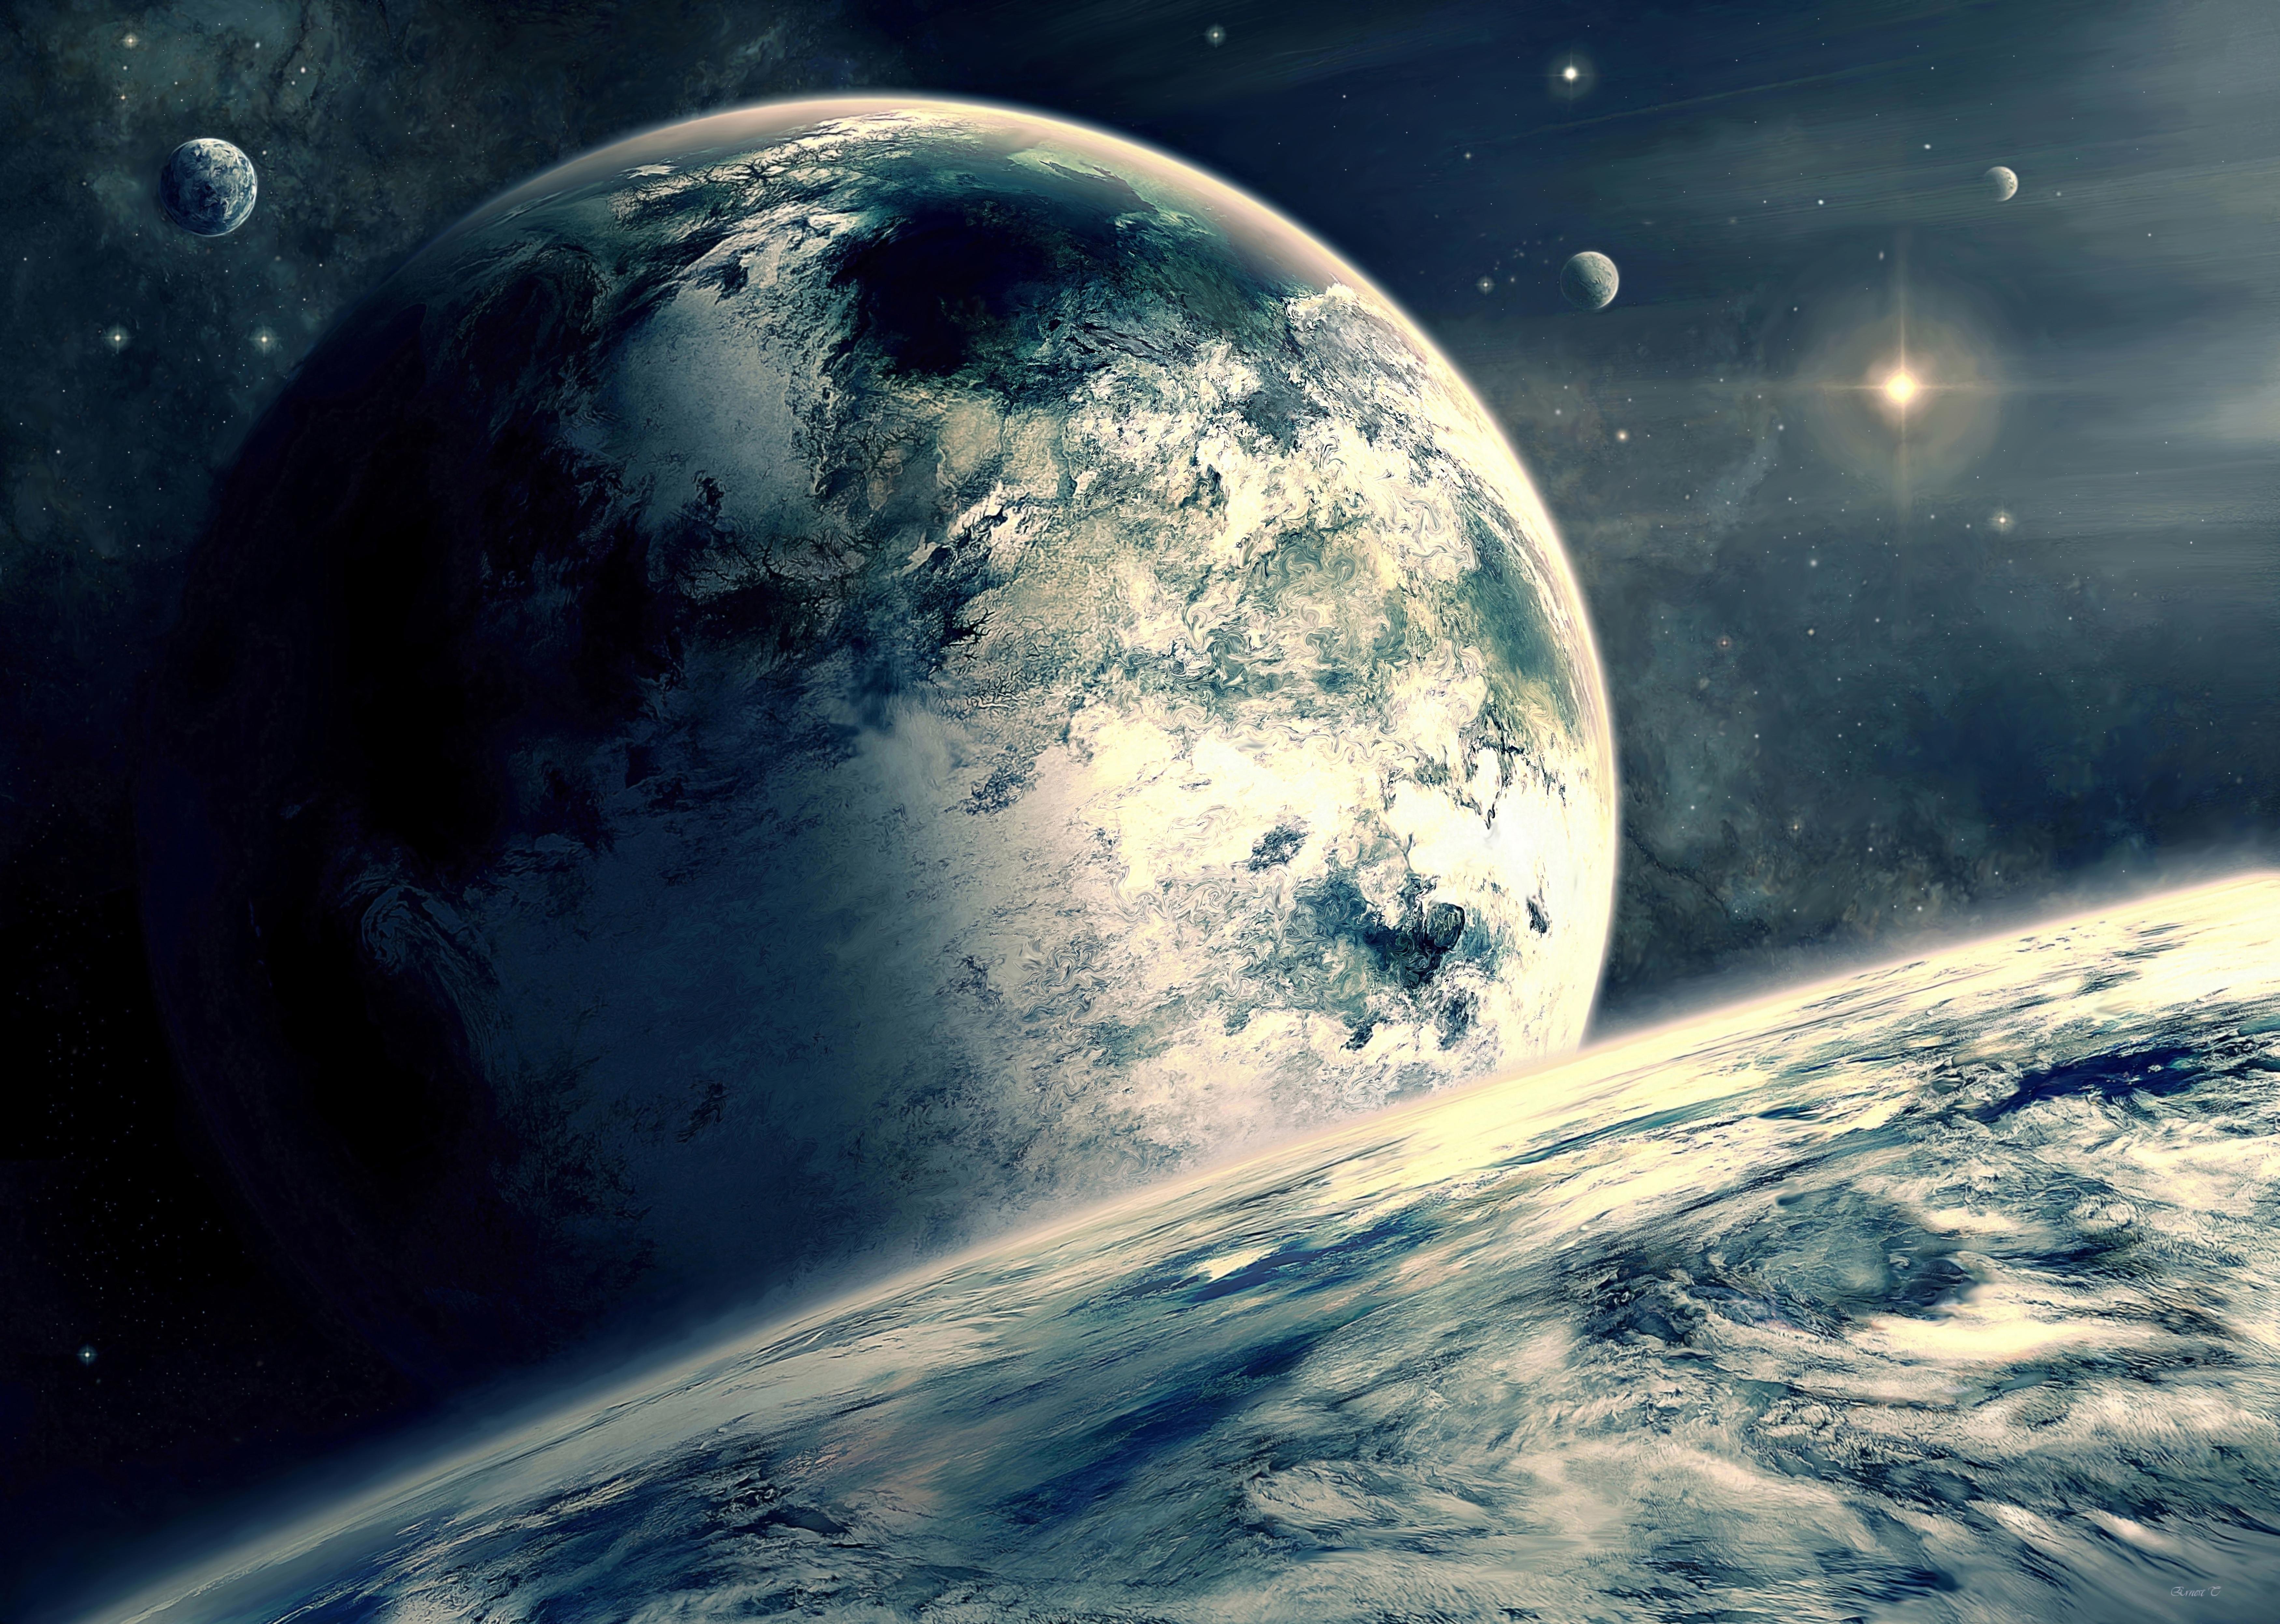 Космос Обои Скачать Бесплатно